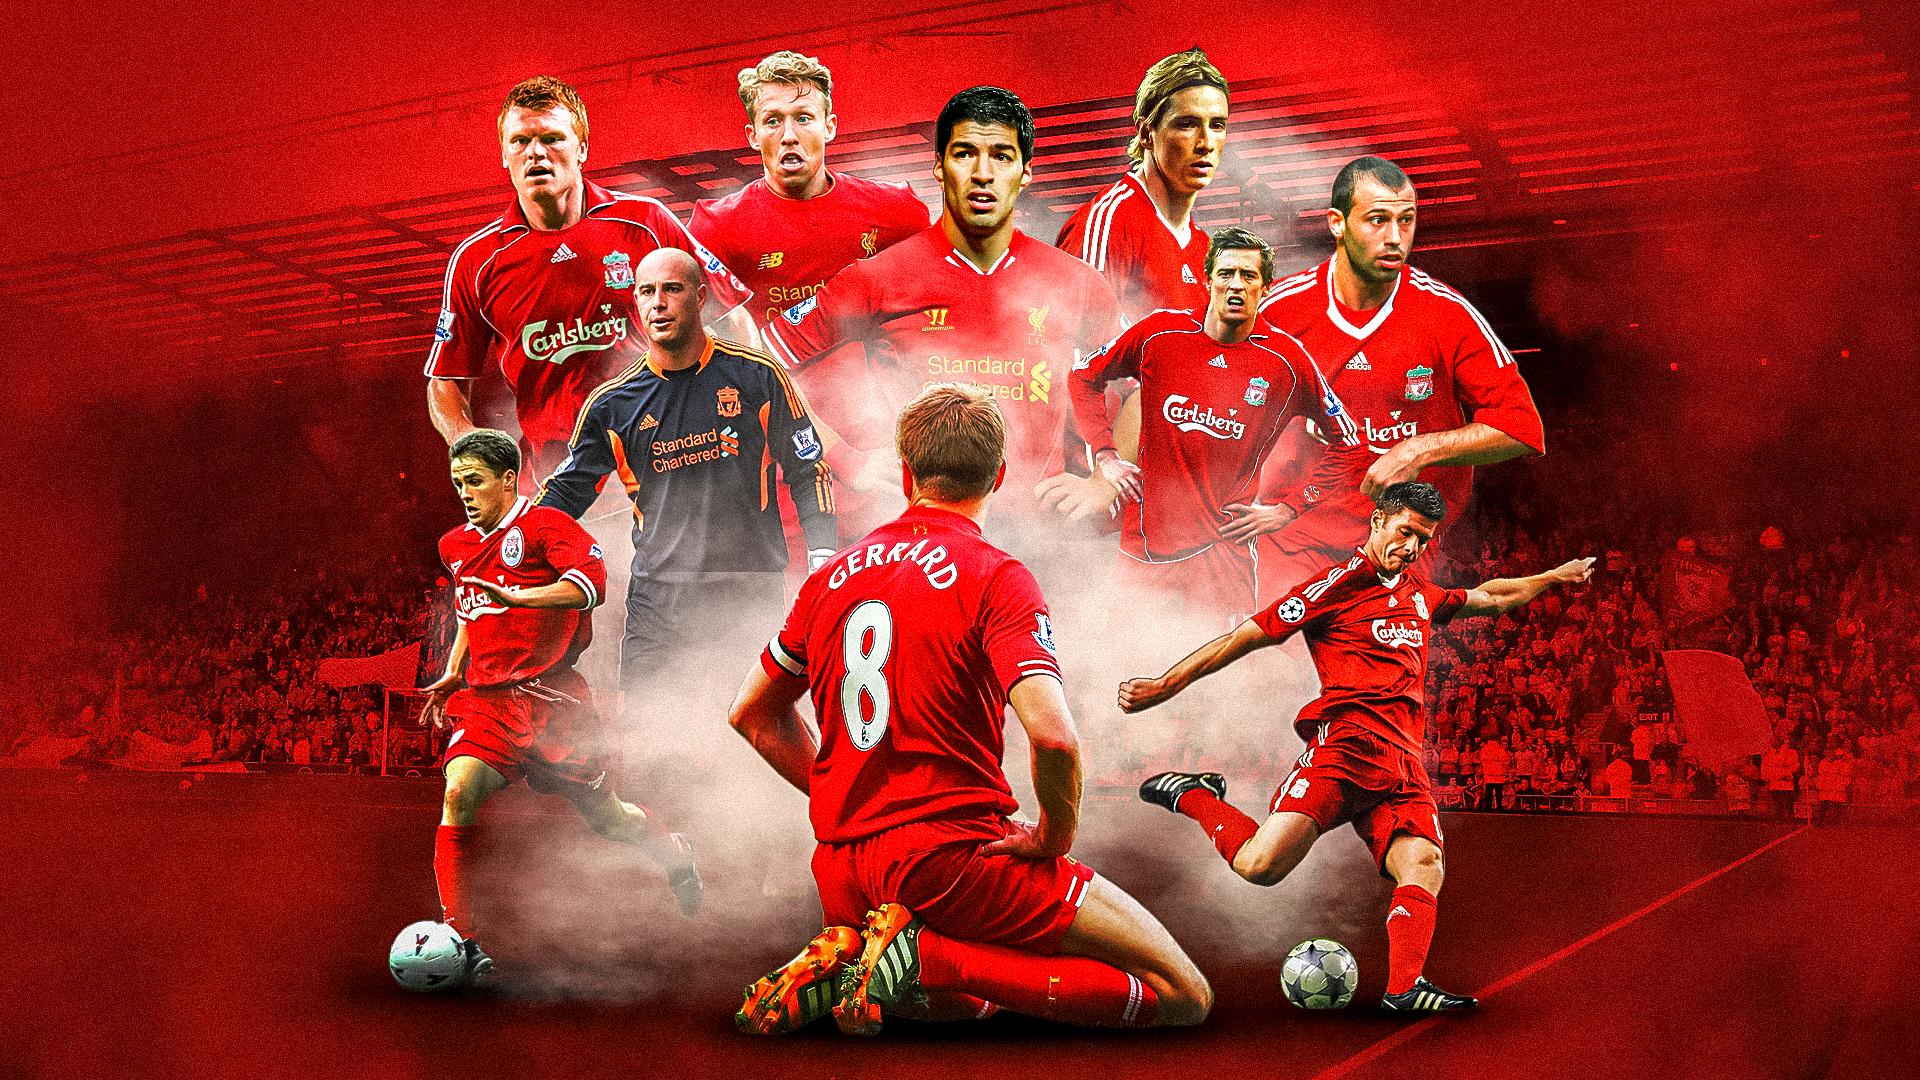 كم مرة حصل ليفربول على الدوري الإنجليزي Goal Com